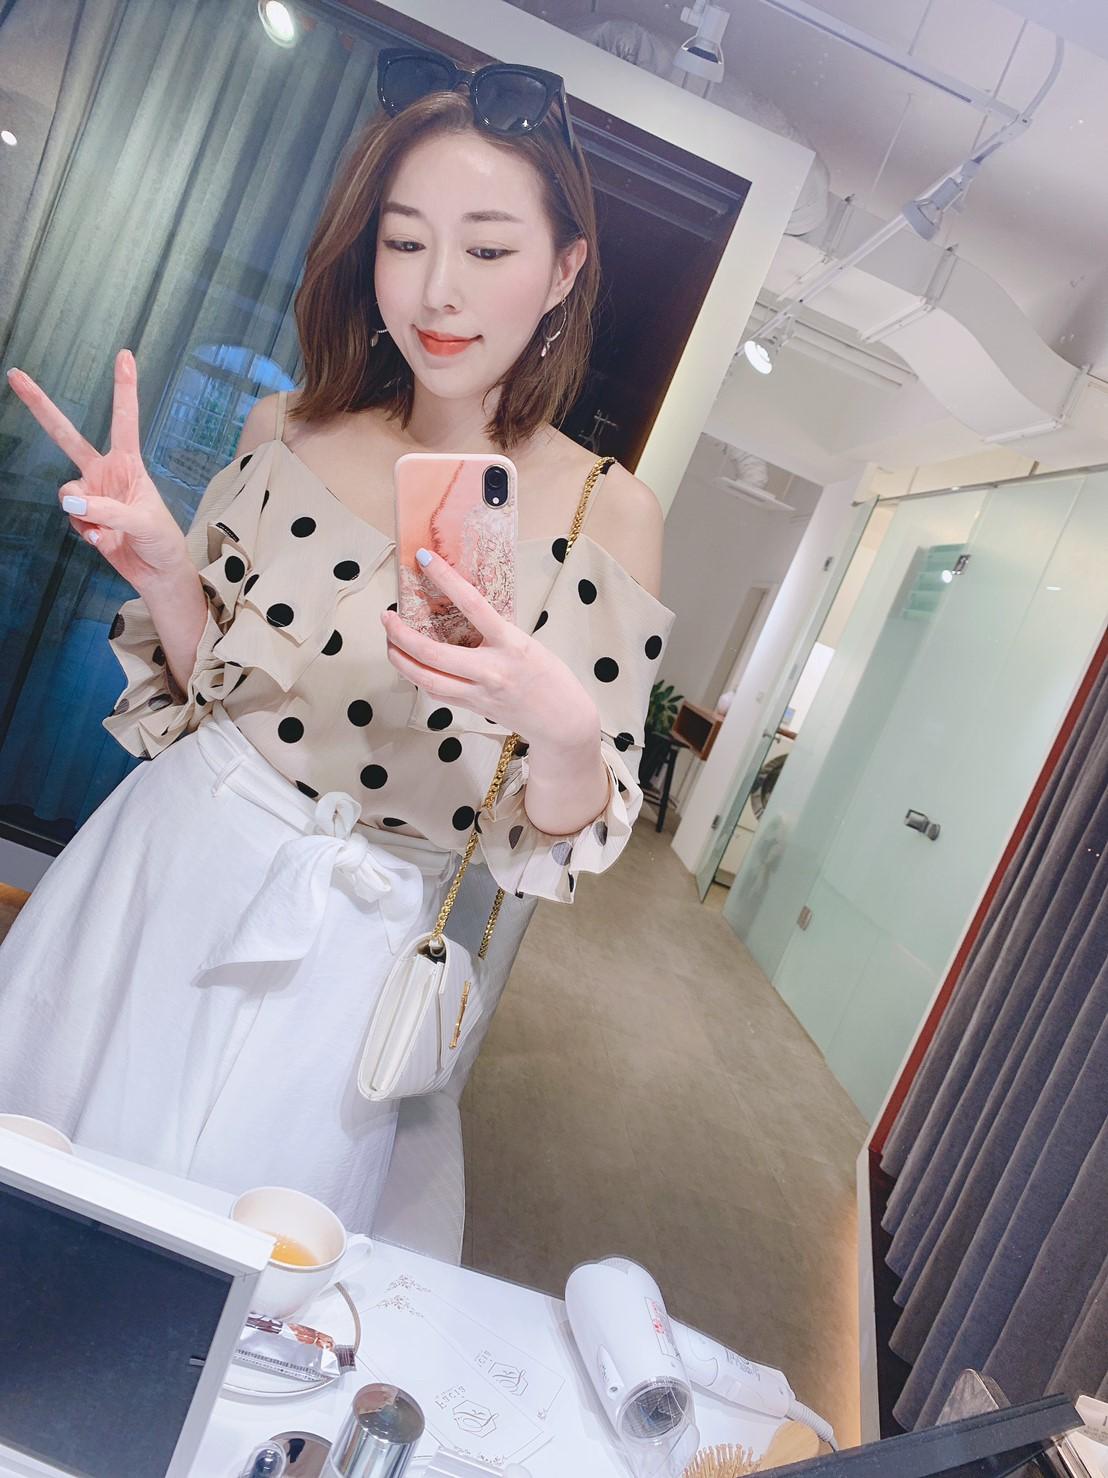 日本超紅的小臉按摩 – Wstyle blog